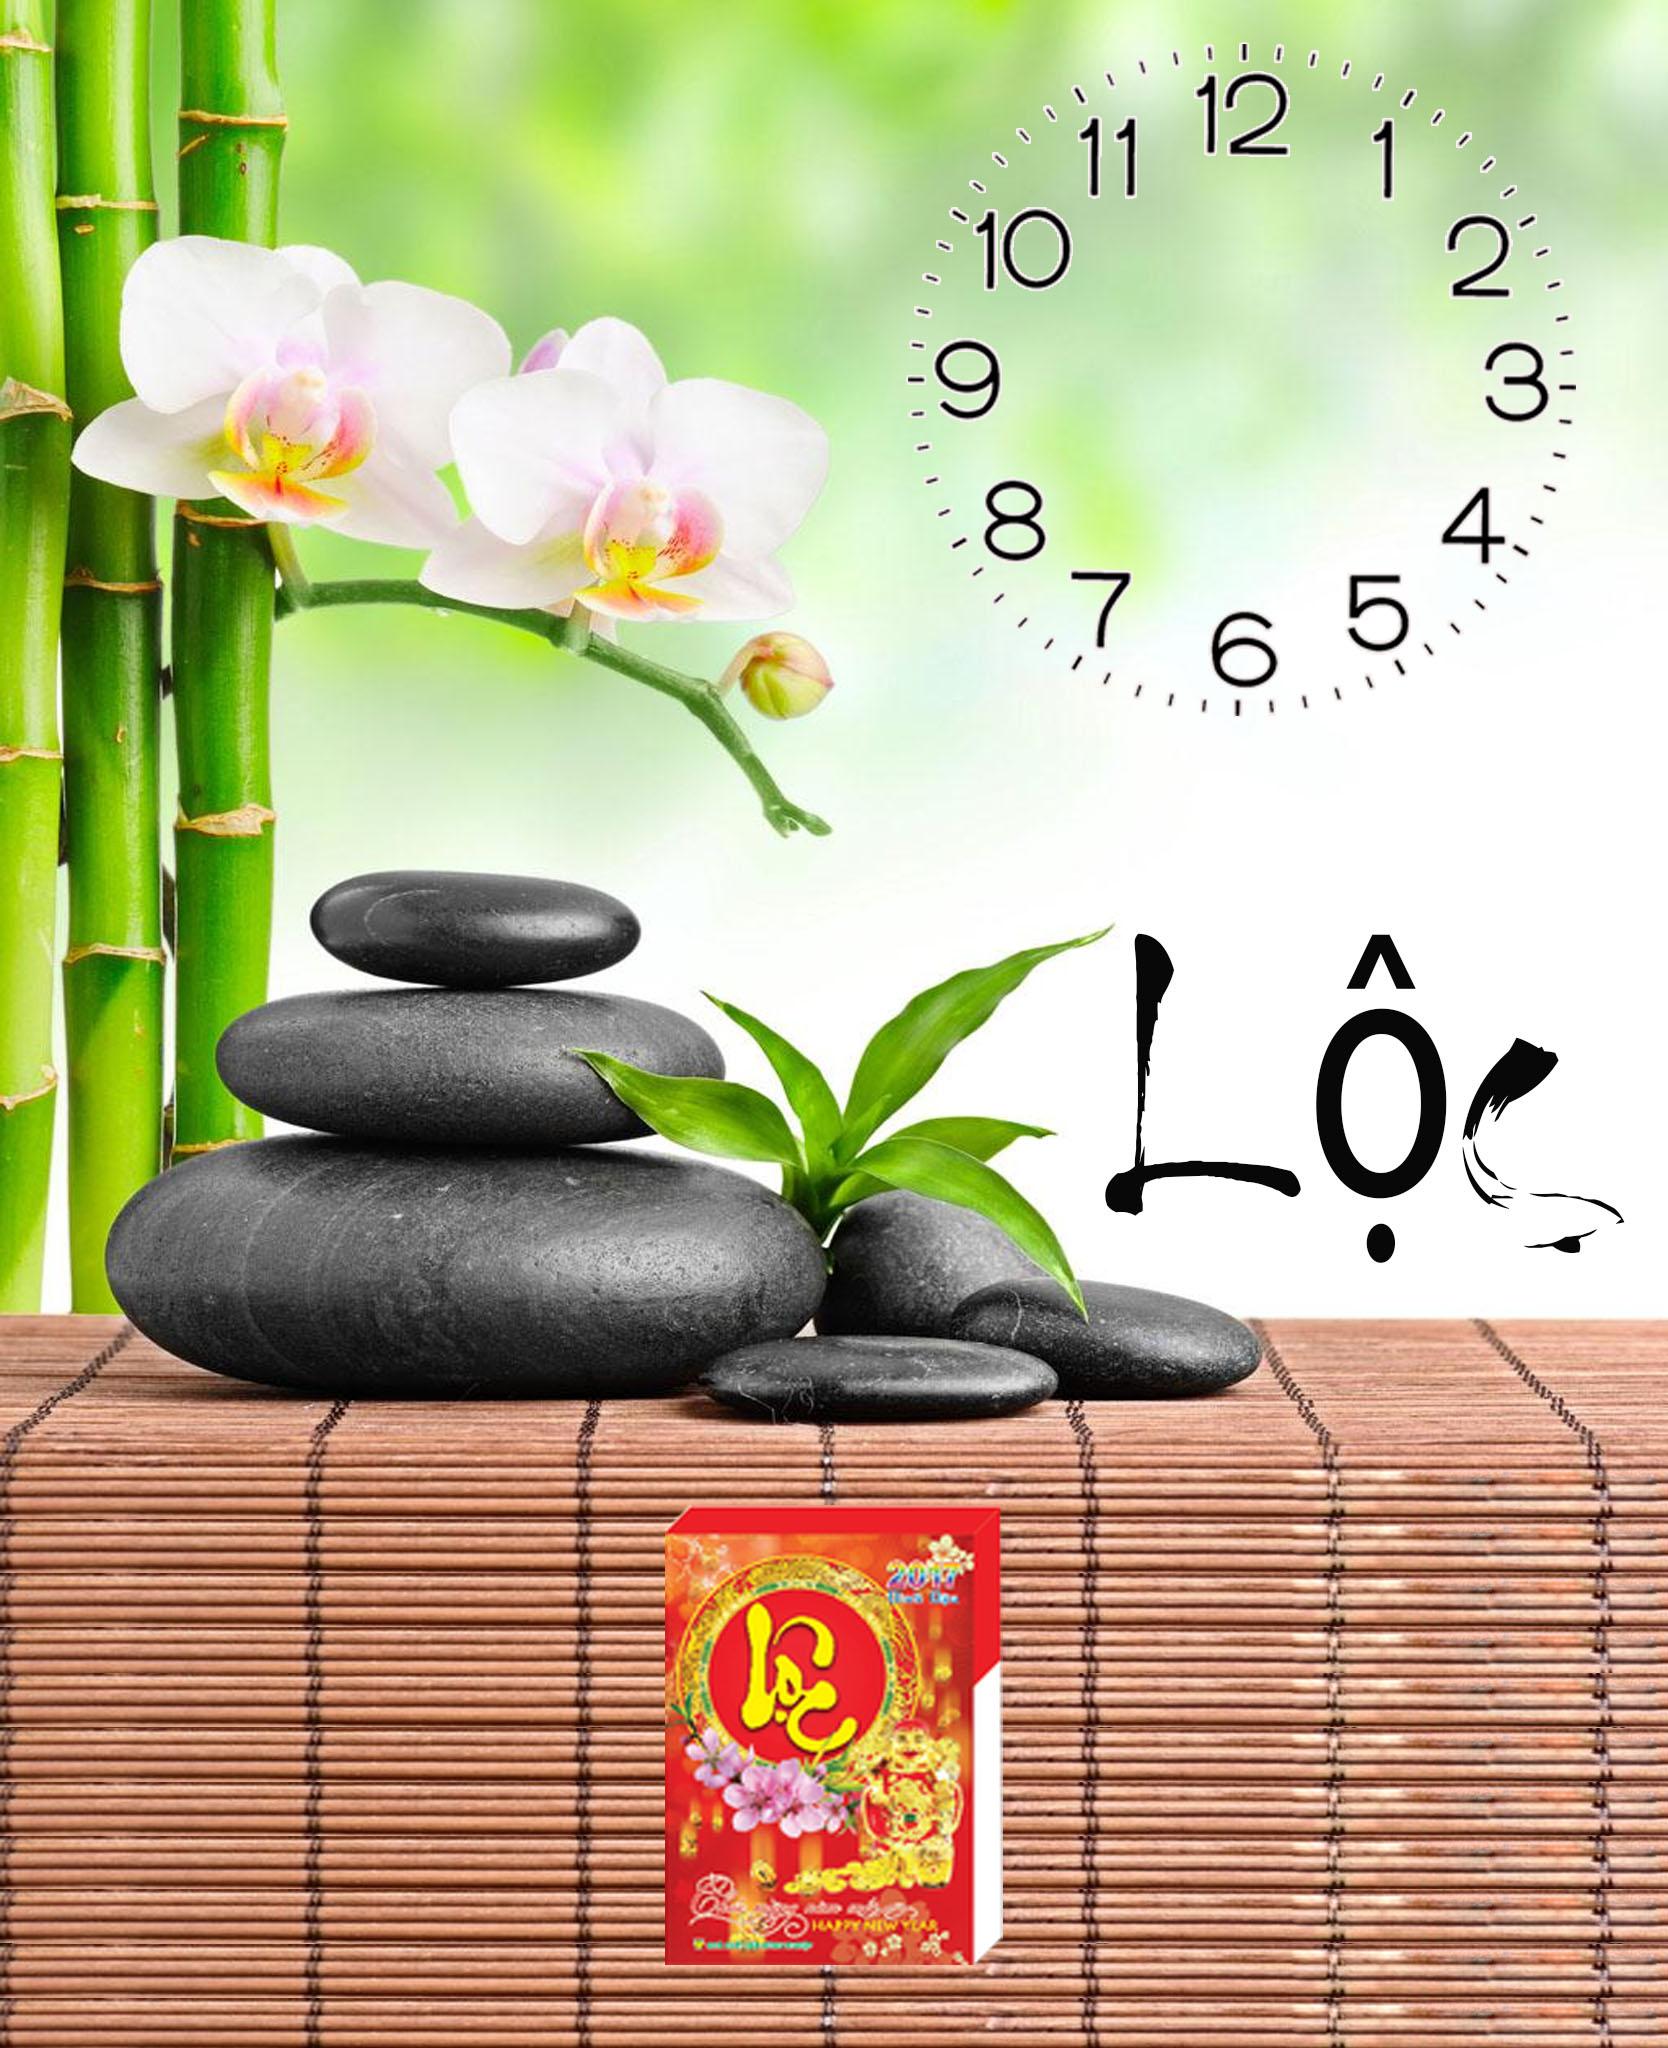 Tranh đồng hồ chữ Lộc thêm Blog lịch